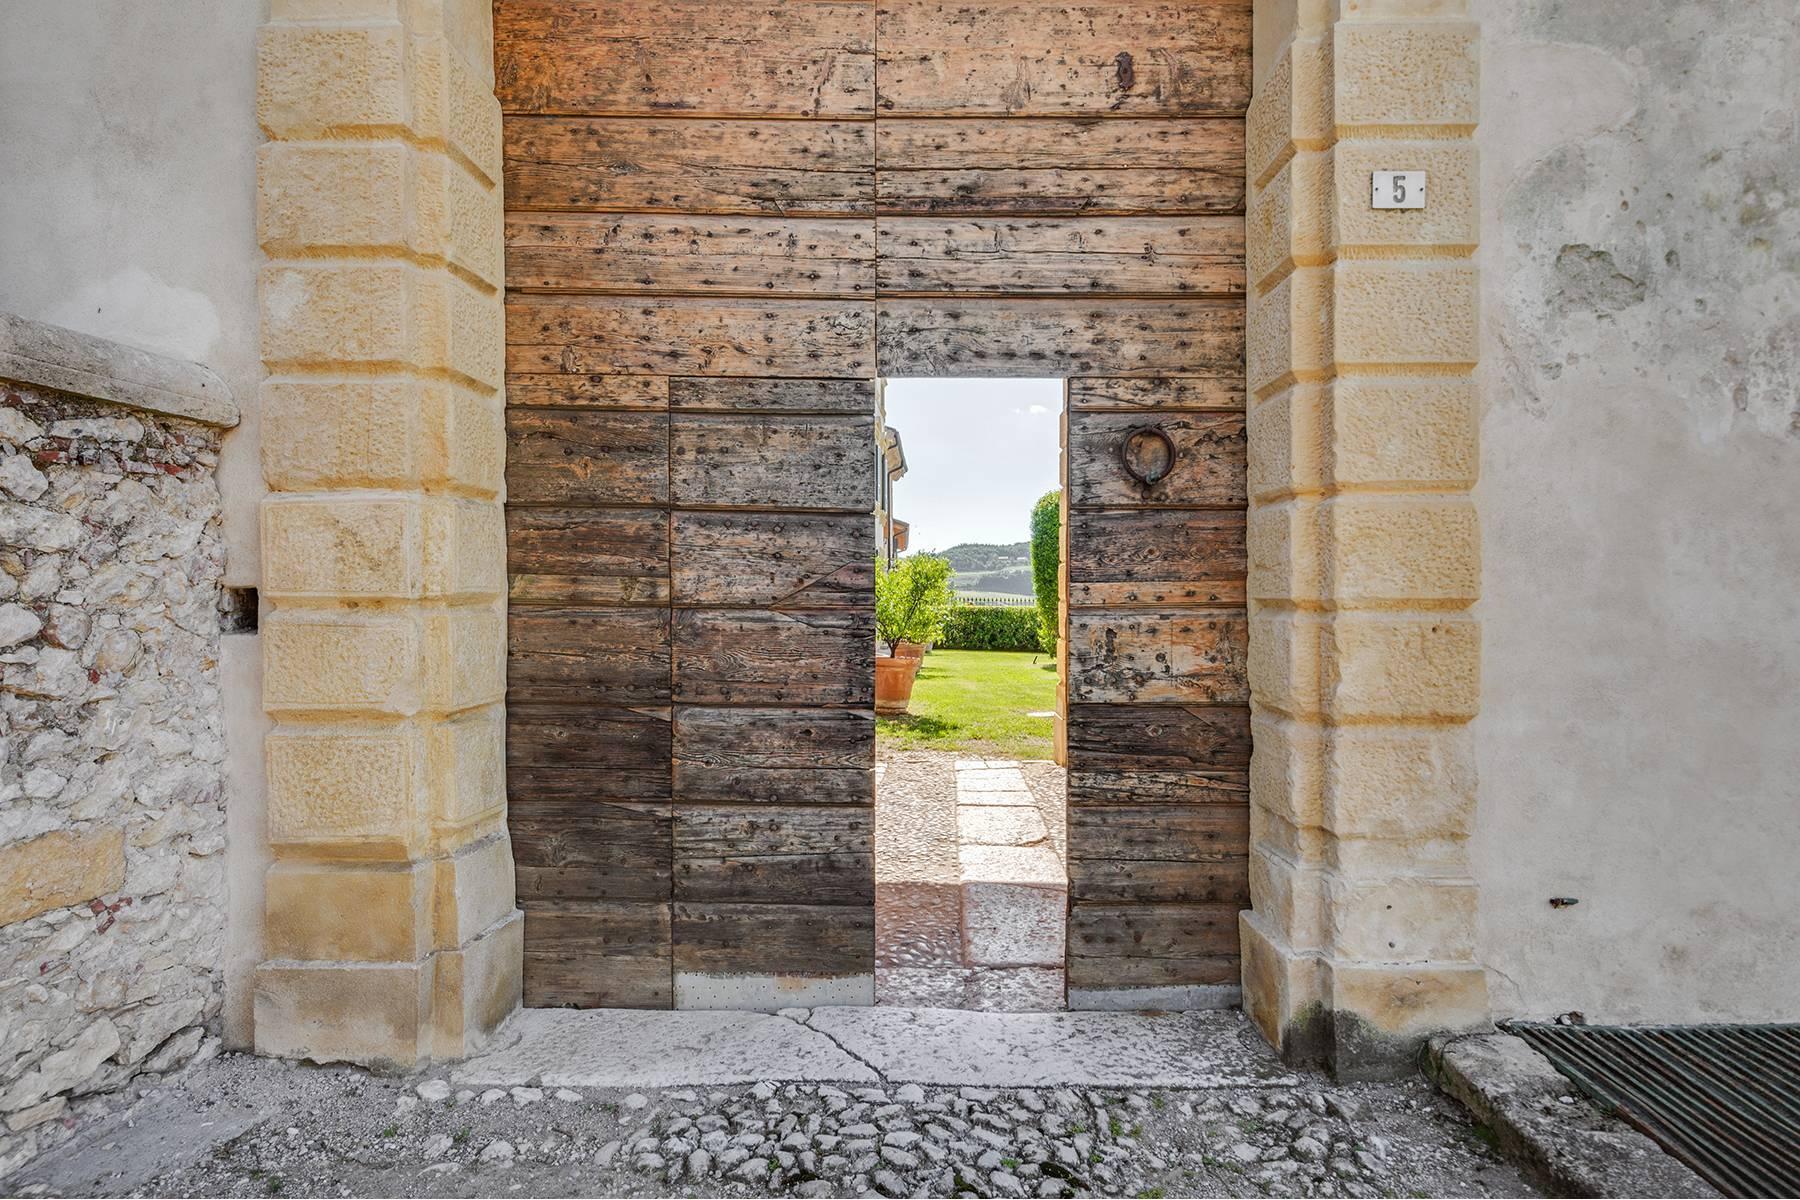 Historische Villa mit Park und prächtigem alten Keller, umgeben von Weinbergen - 31